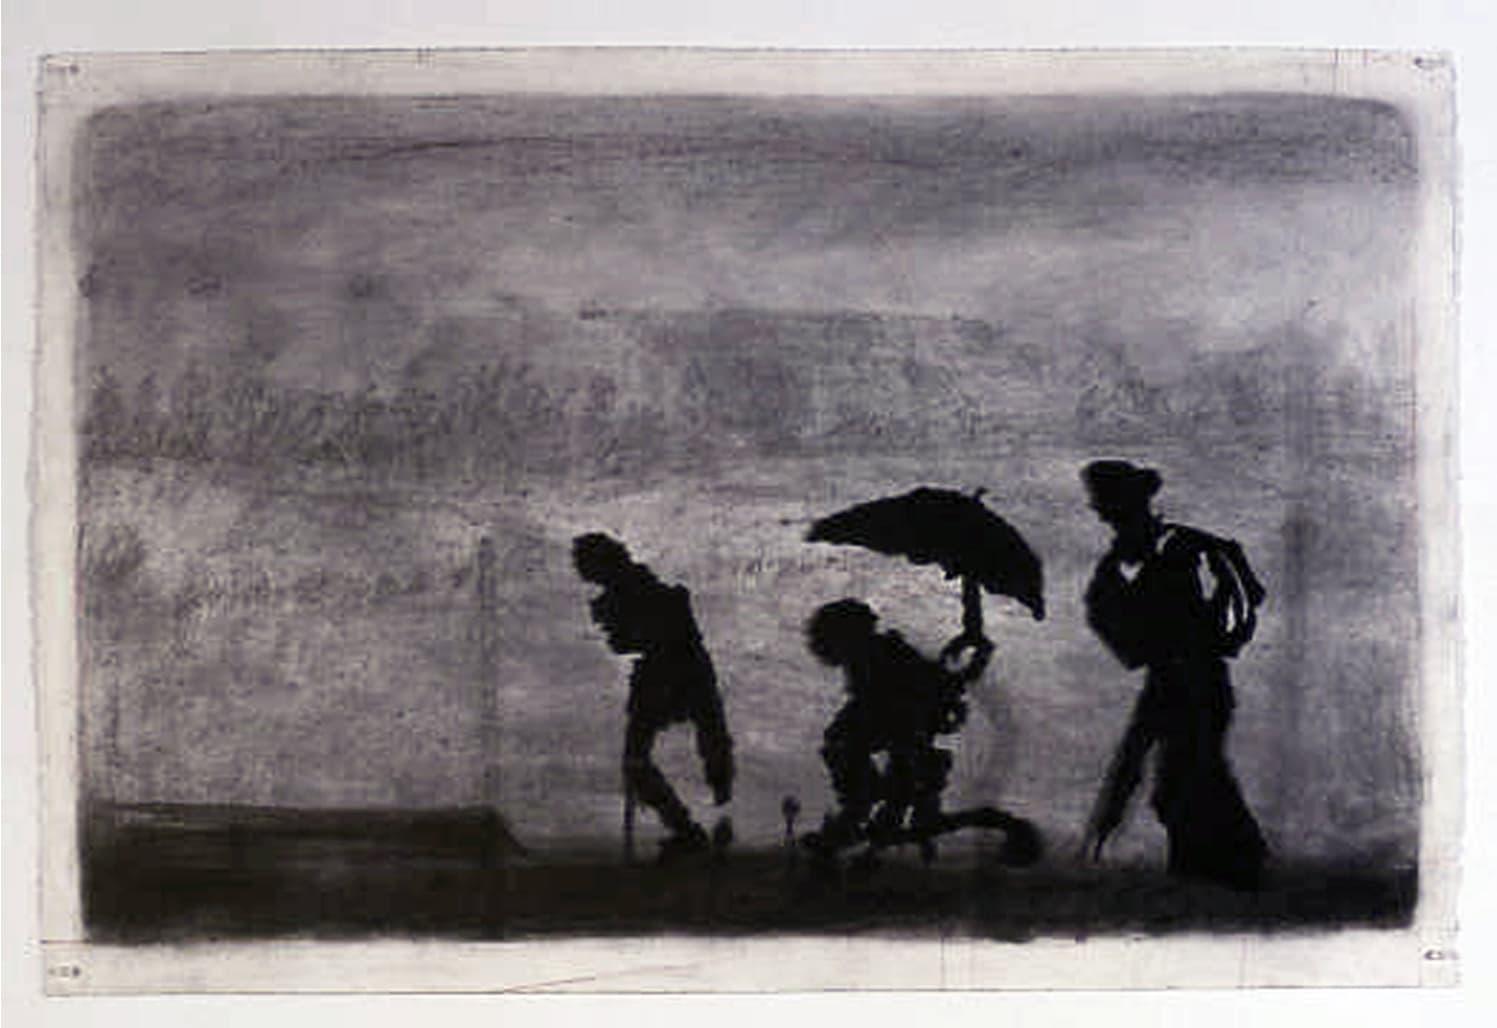 William Kentridge, Three figures, 2003